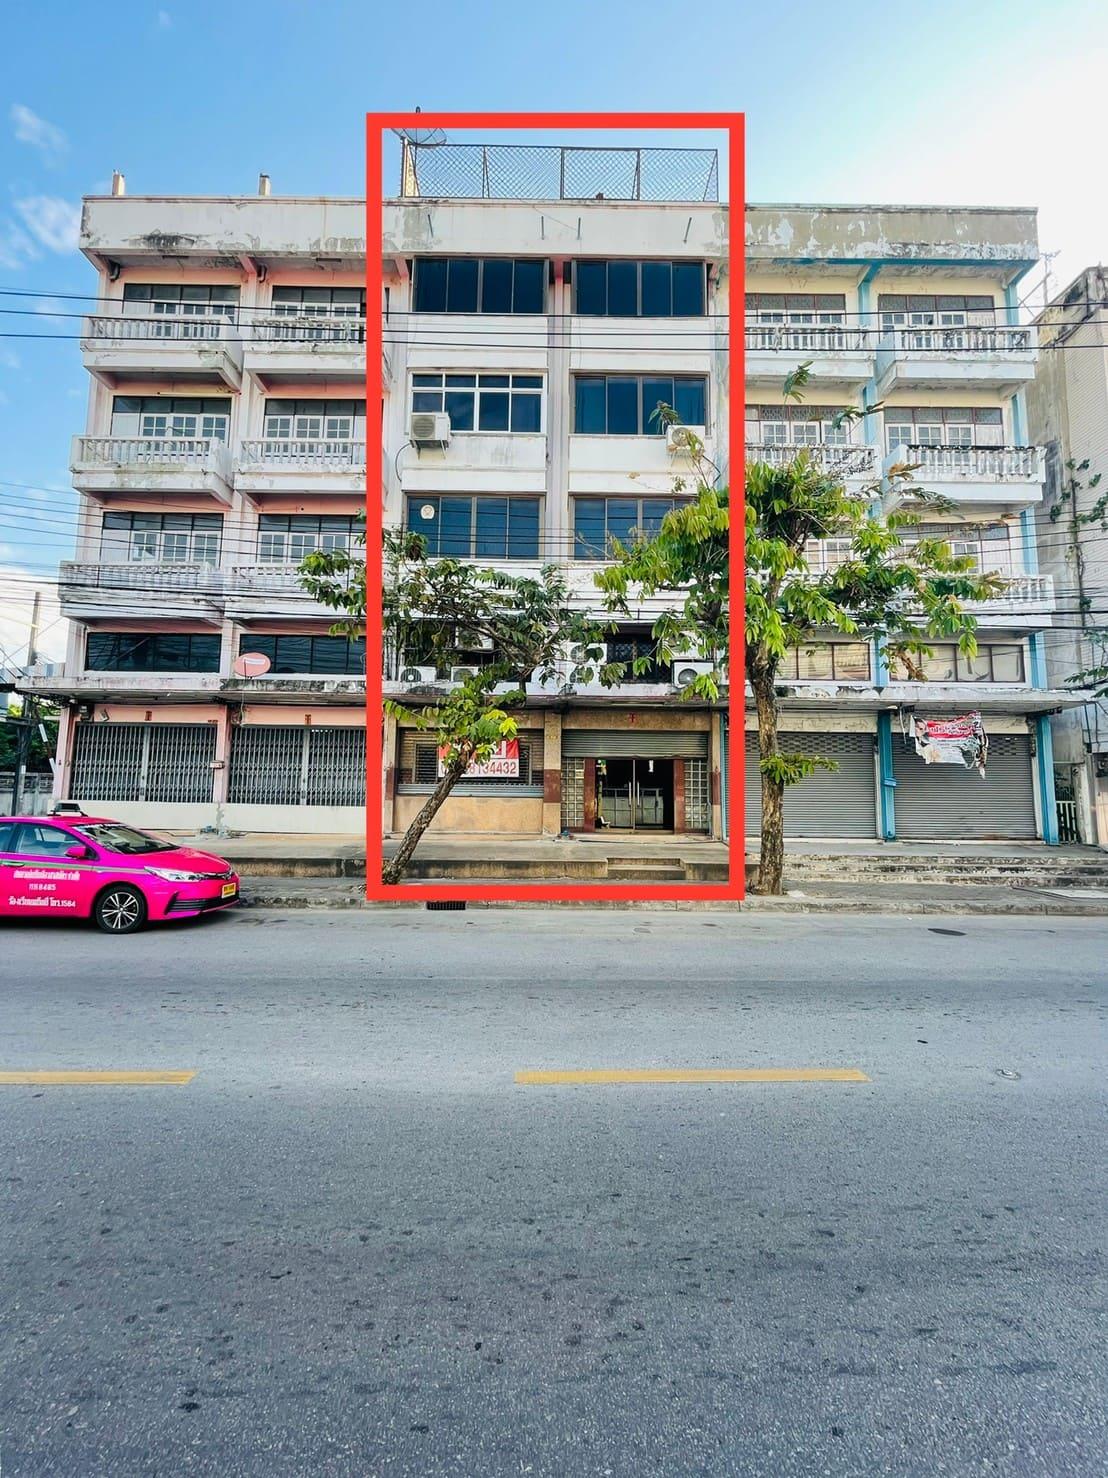 ขายตึกแถวจอมทอง19 ติดถนนเมน4เลนส์ใหญ่ มีที่จอดรถหน้าตึก ราคาถูกที่สุดในย่านนี้